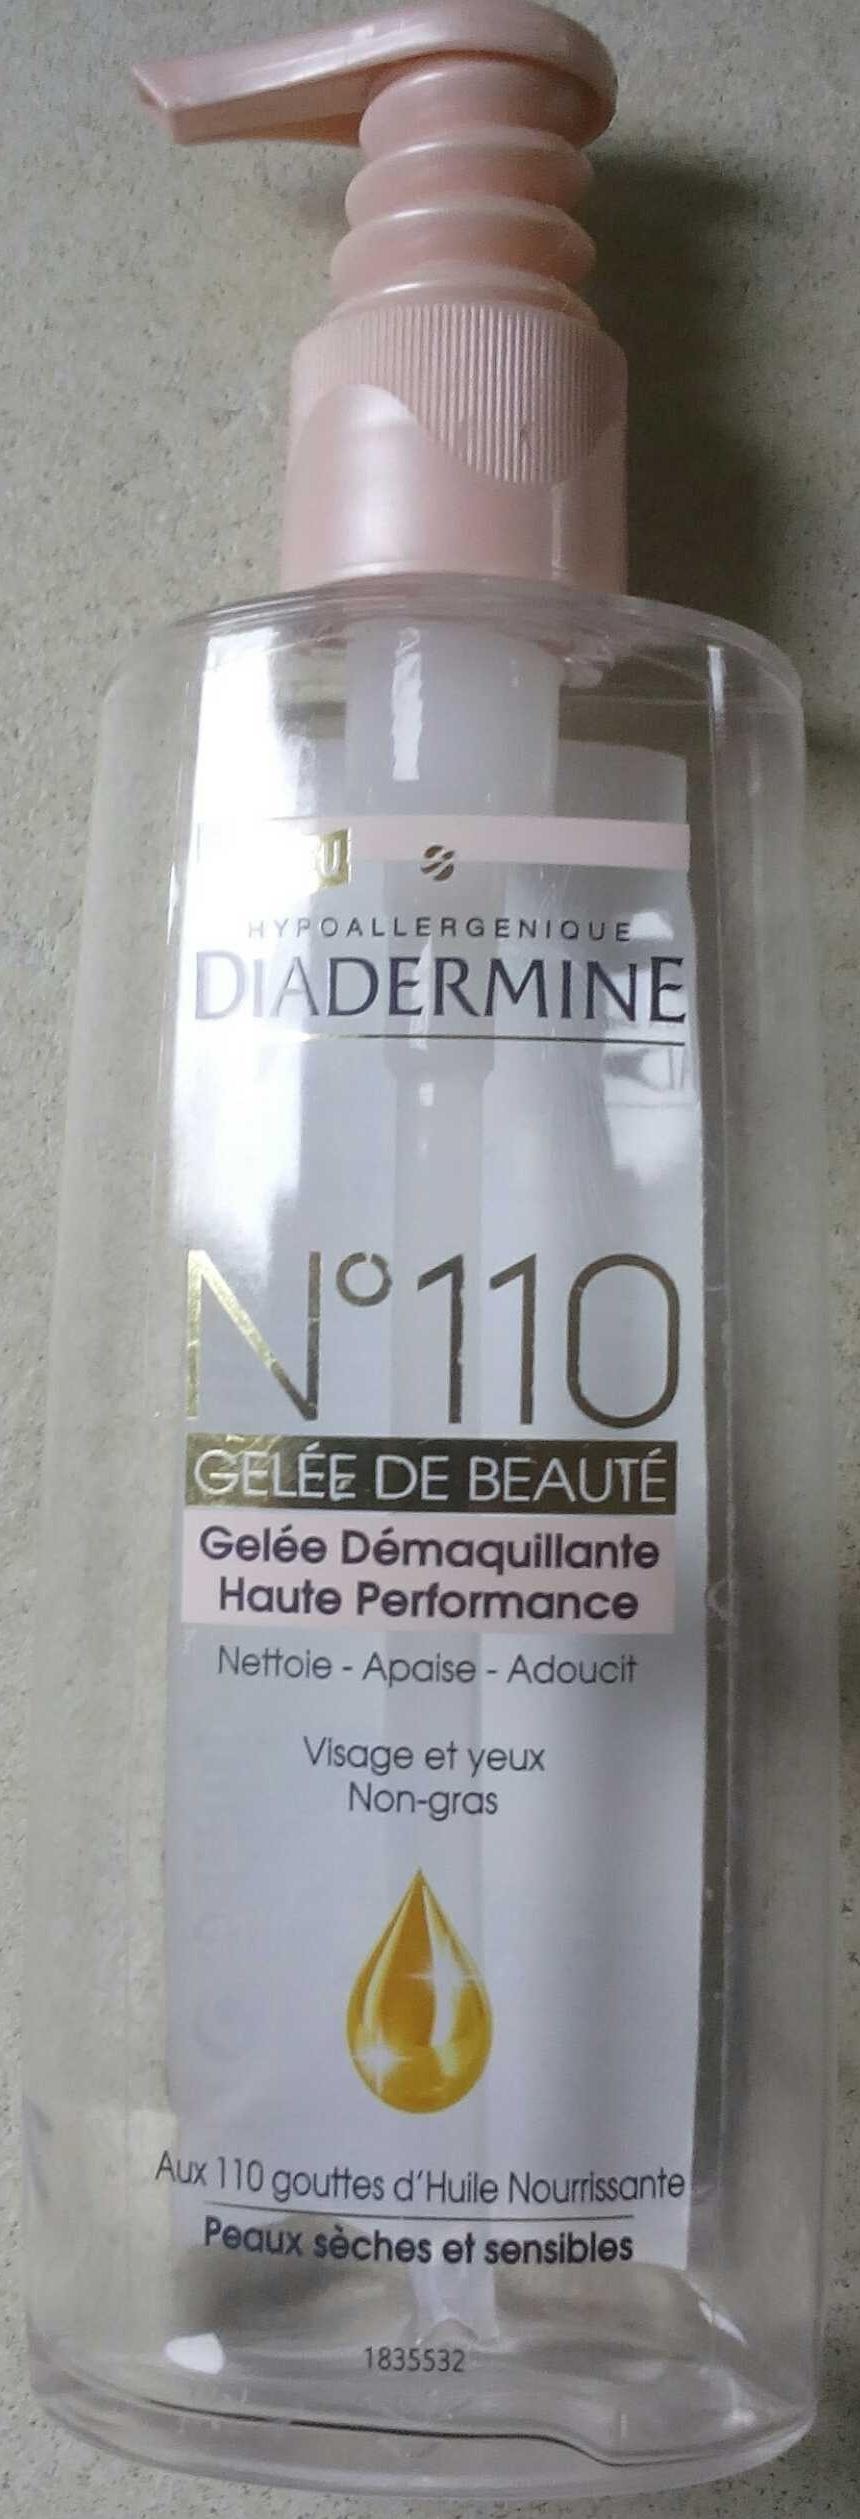 N°110 Gelée de beauté - Produit